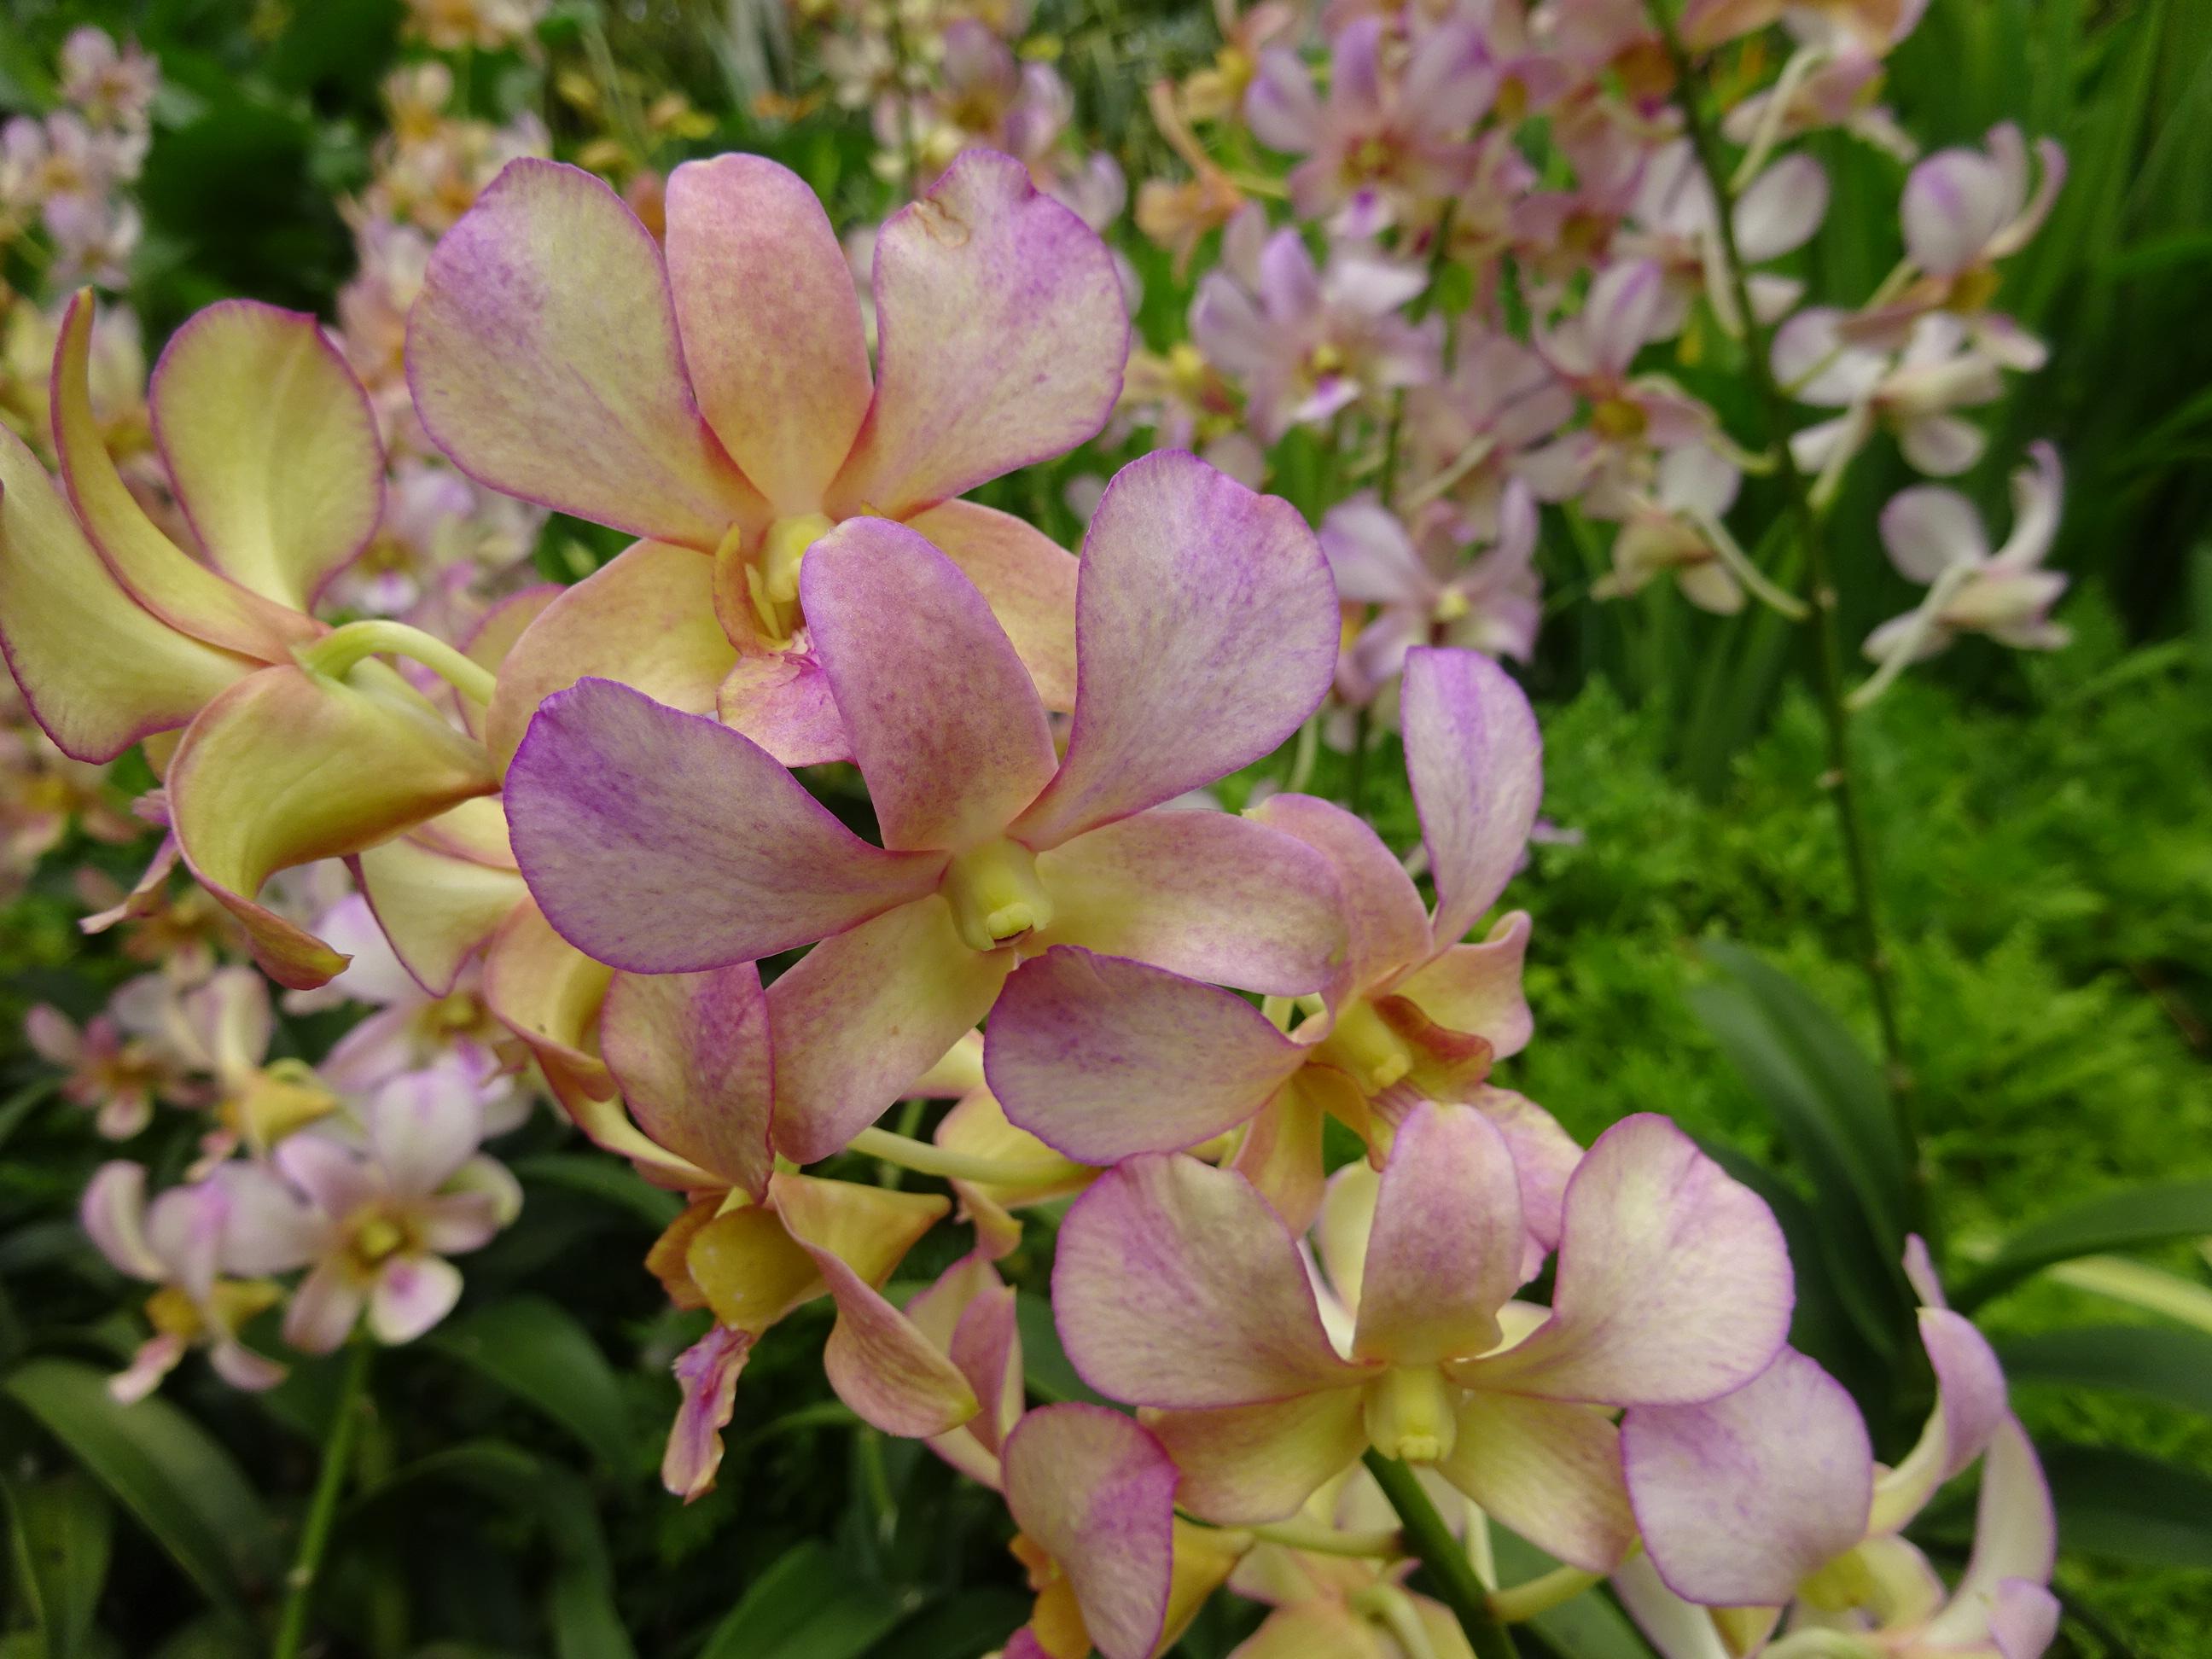 シンガポールの国立洋ラン園(ナショナル オーキッド ガーデン)の蝶々みたいな蘭